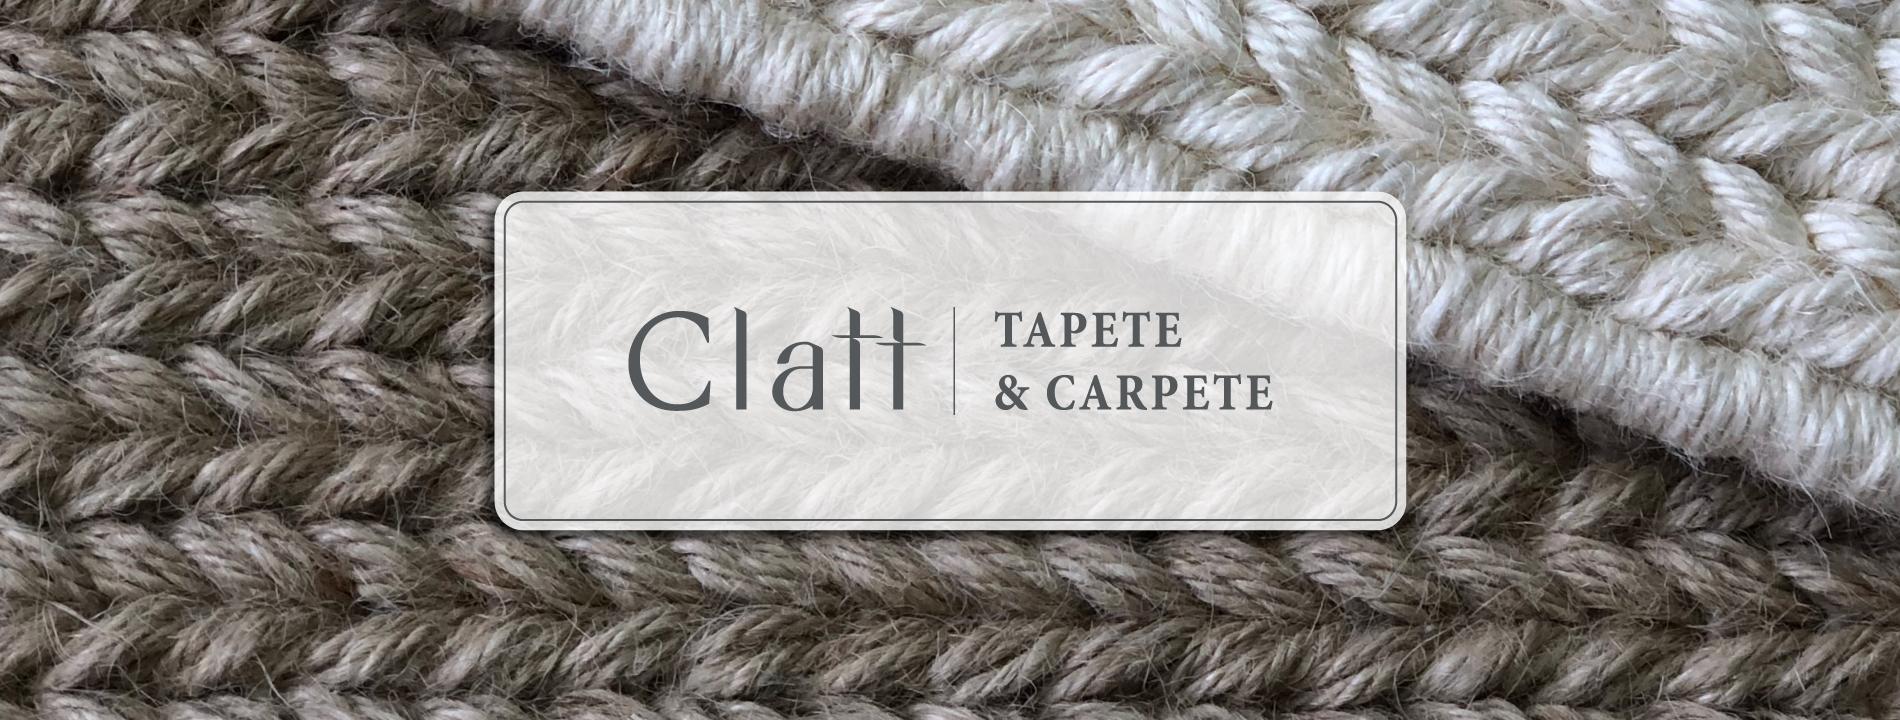 Clatt